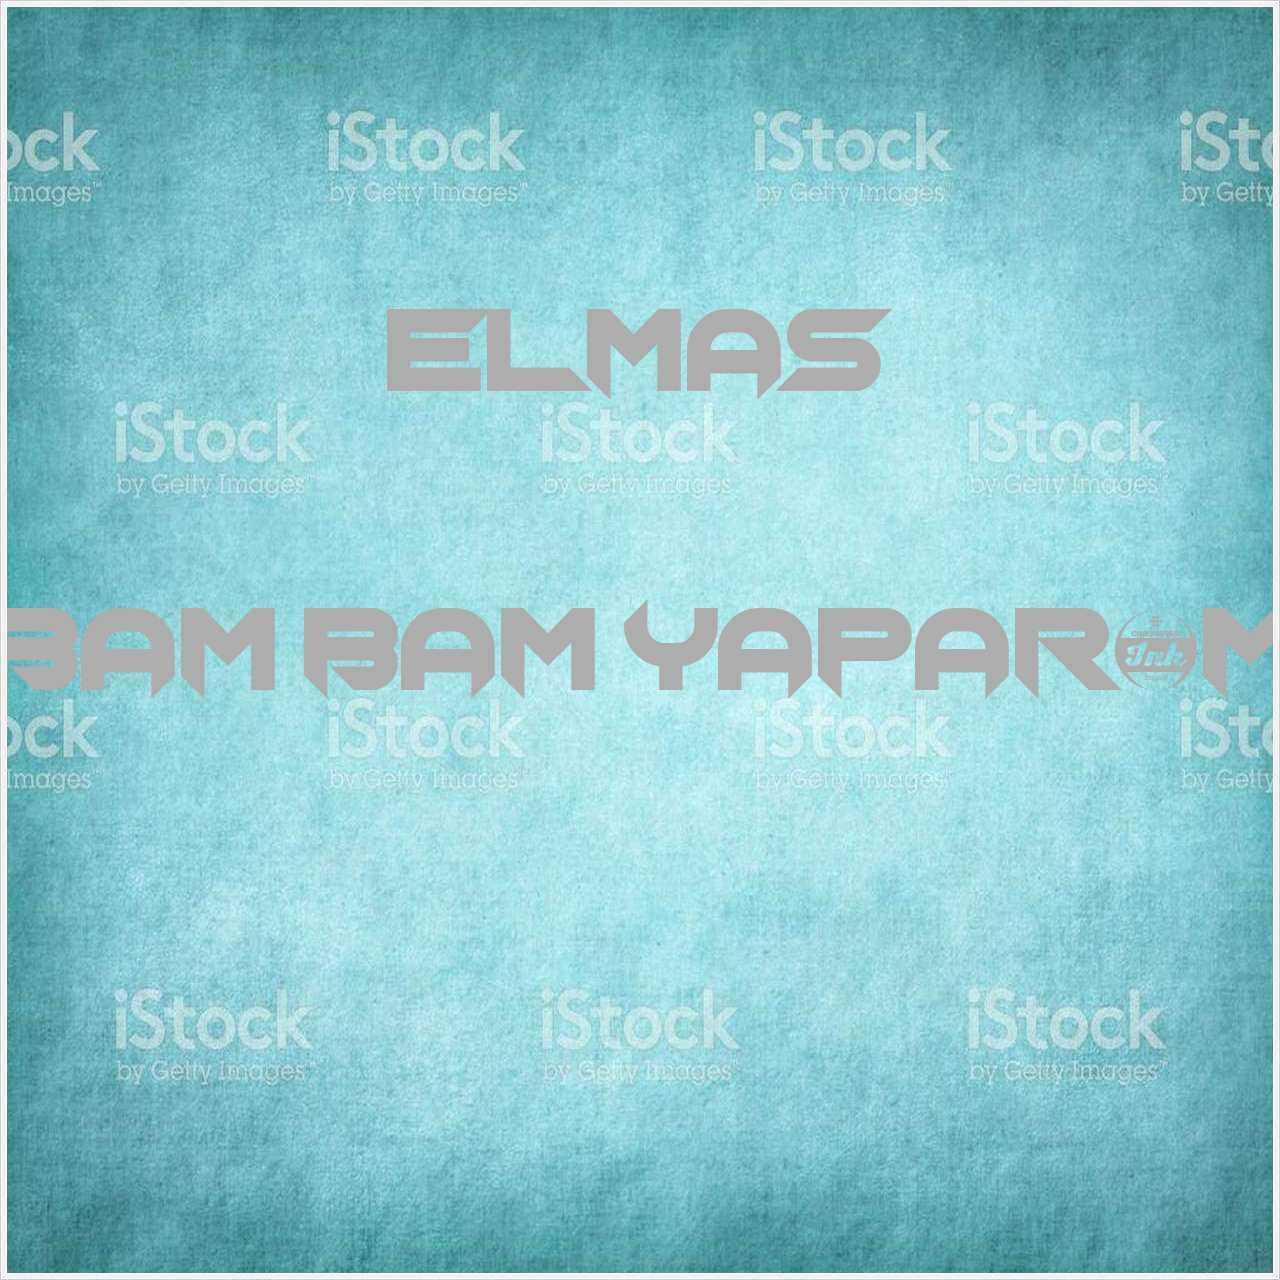 دانلود آهنگ جدید Elmas به نام Bam Bam Yaparım